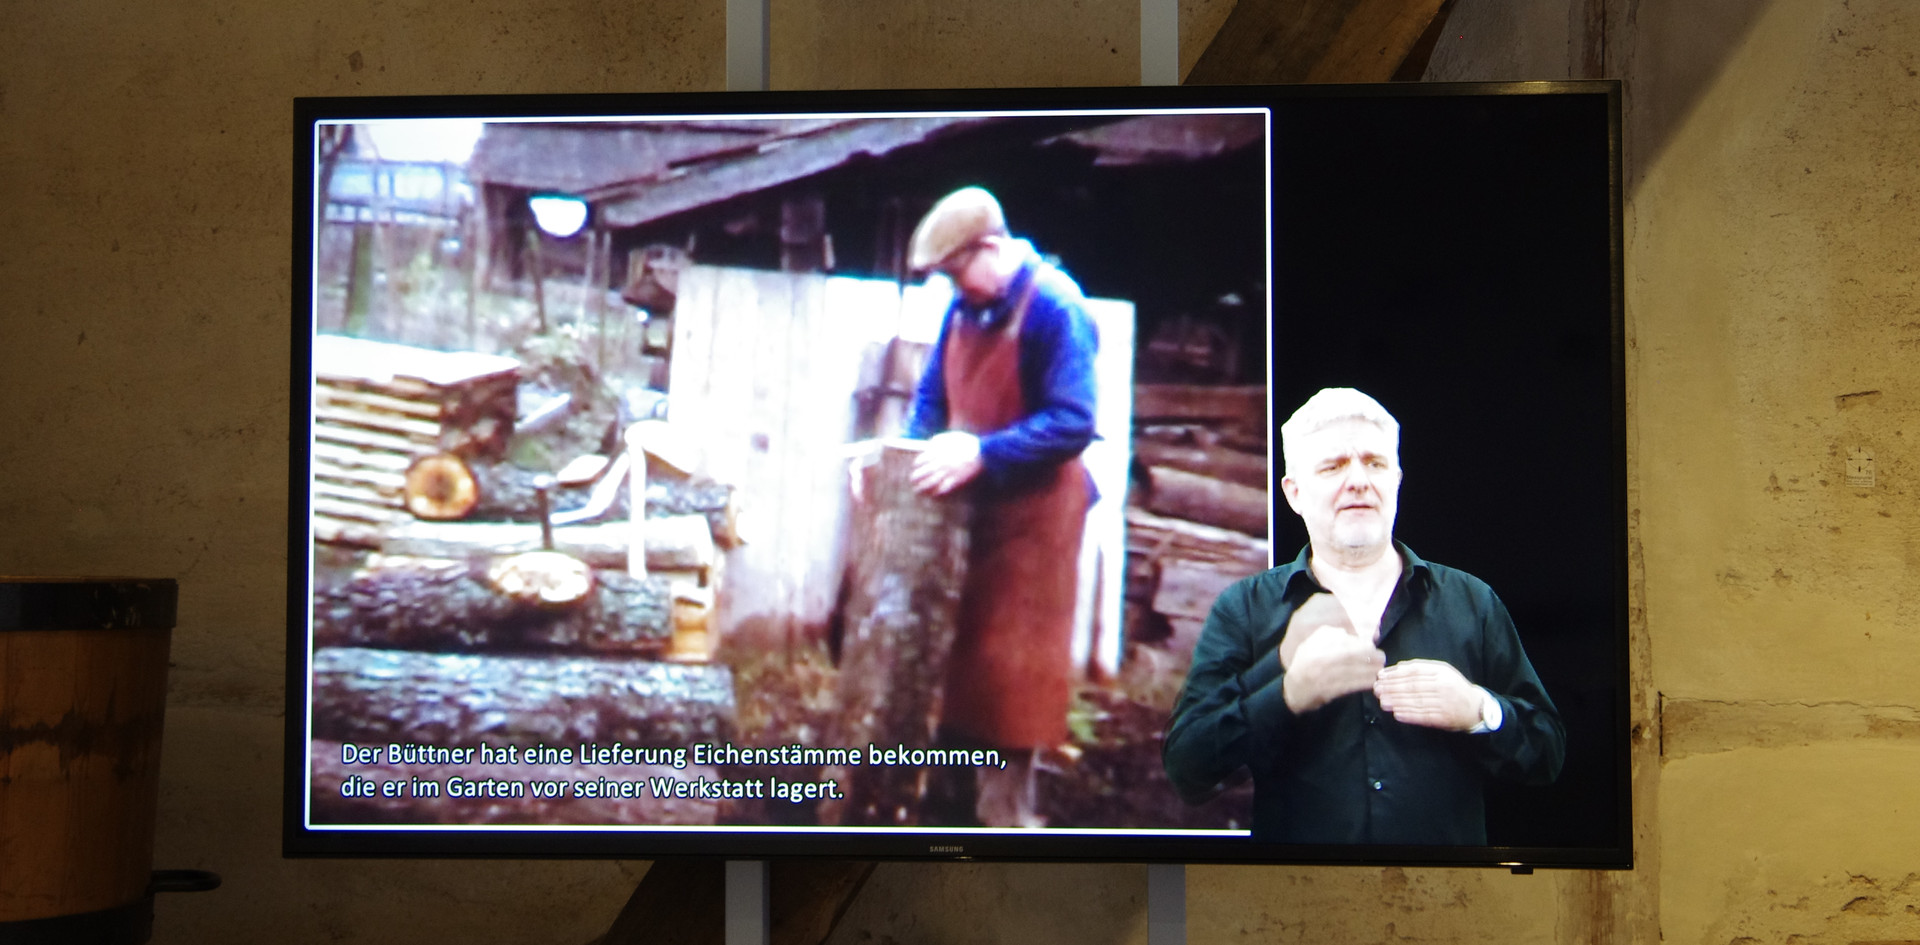 Filmdokument mit Untertiteln und Erklärungen in Deutscher Gebärdensprache